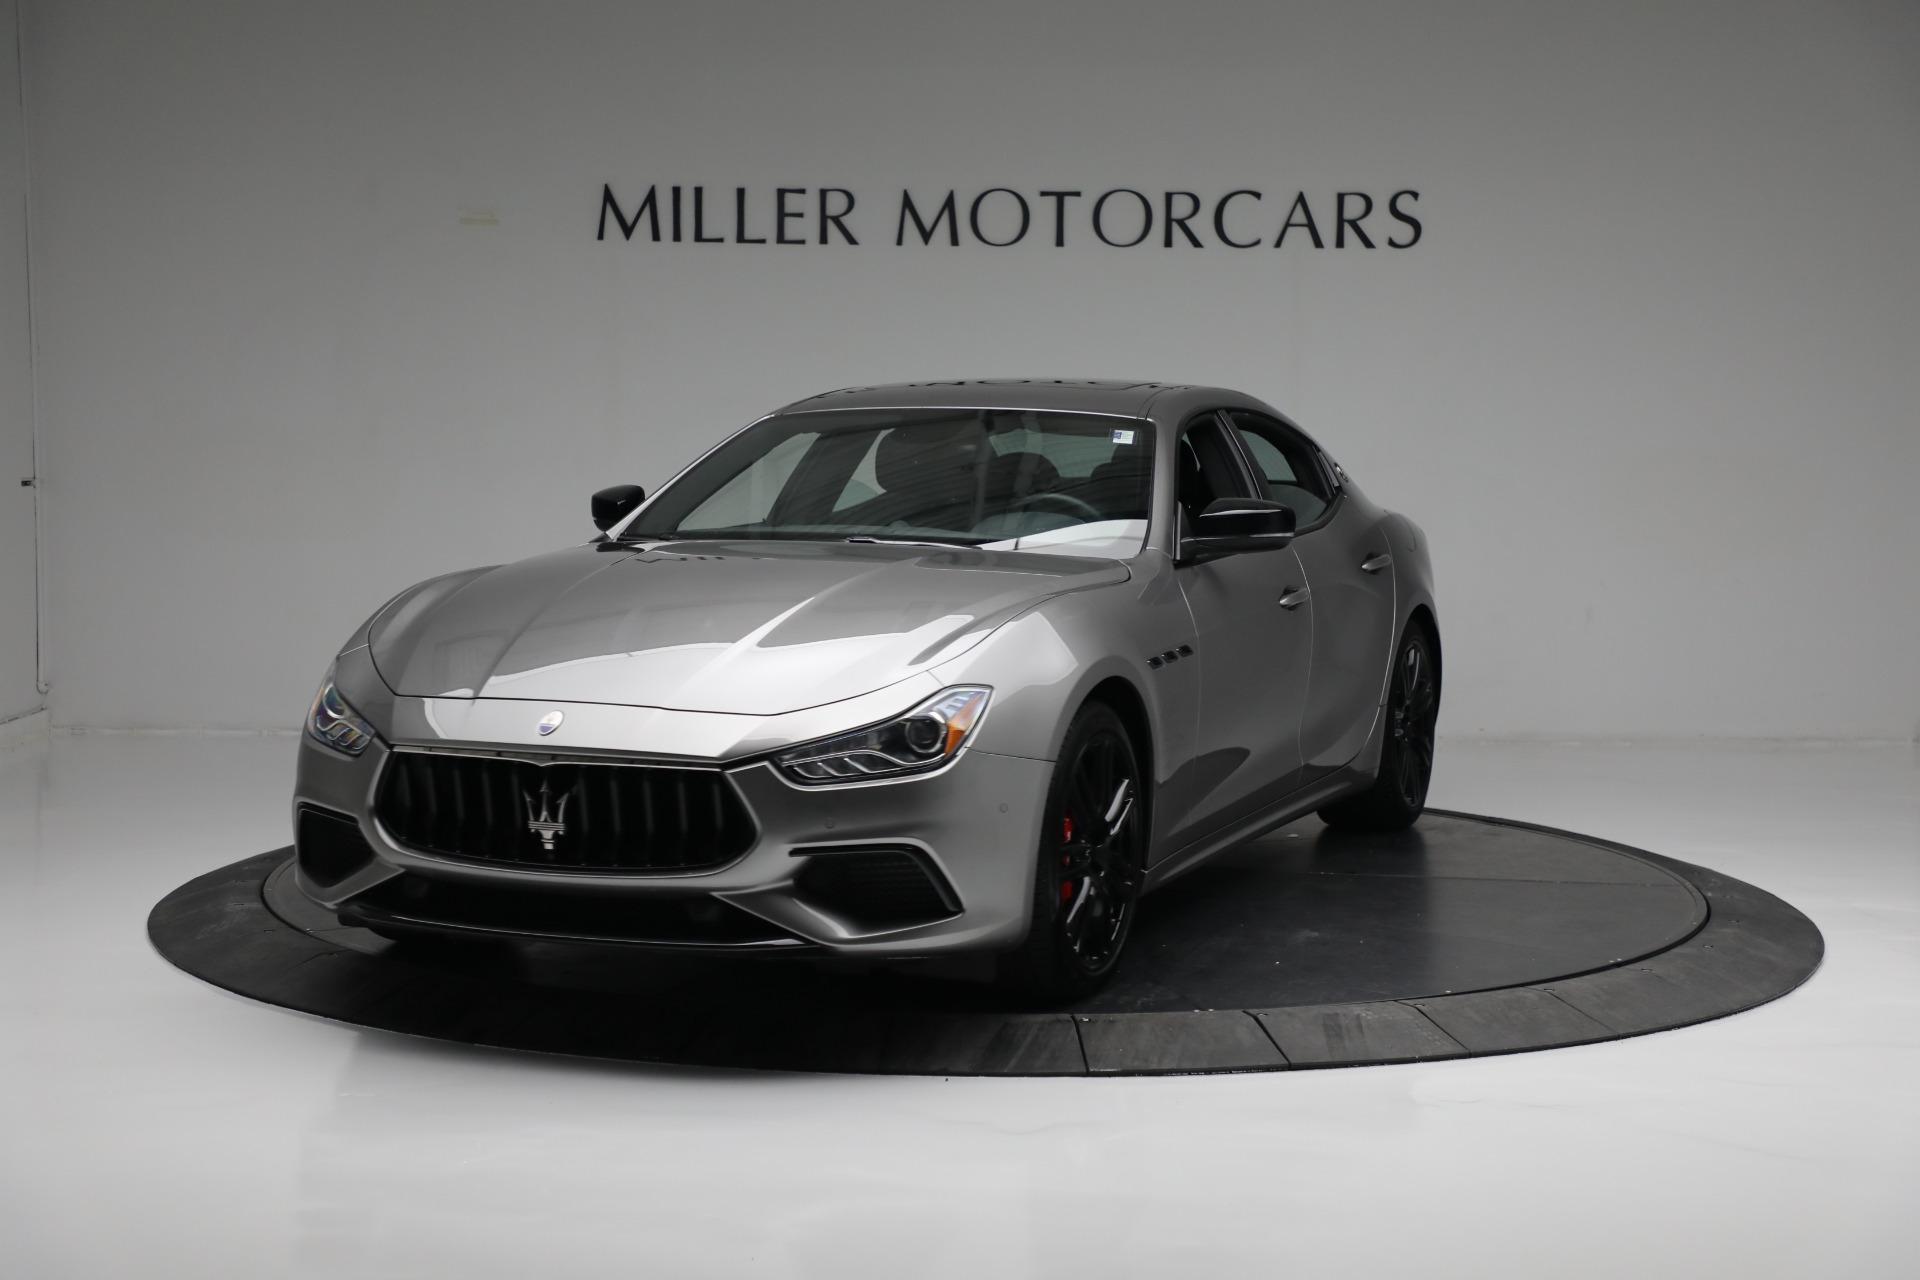 New 2021 Maserati Ghibli S Q4 for sale $90,075 at Alfa Romeo of Westport in Westport CT 06880 1